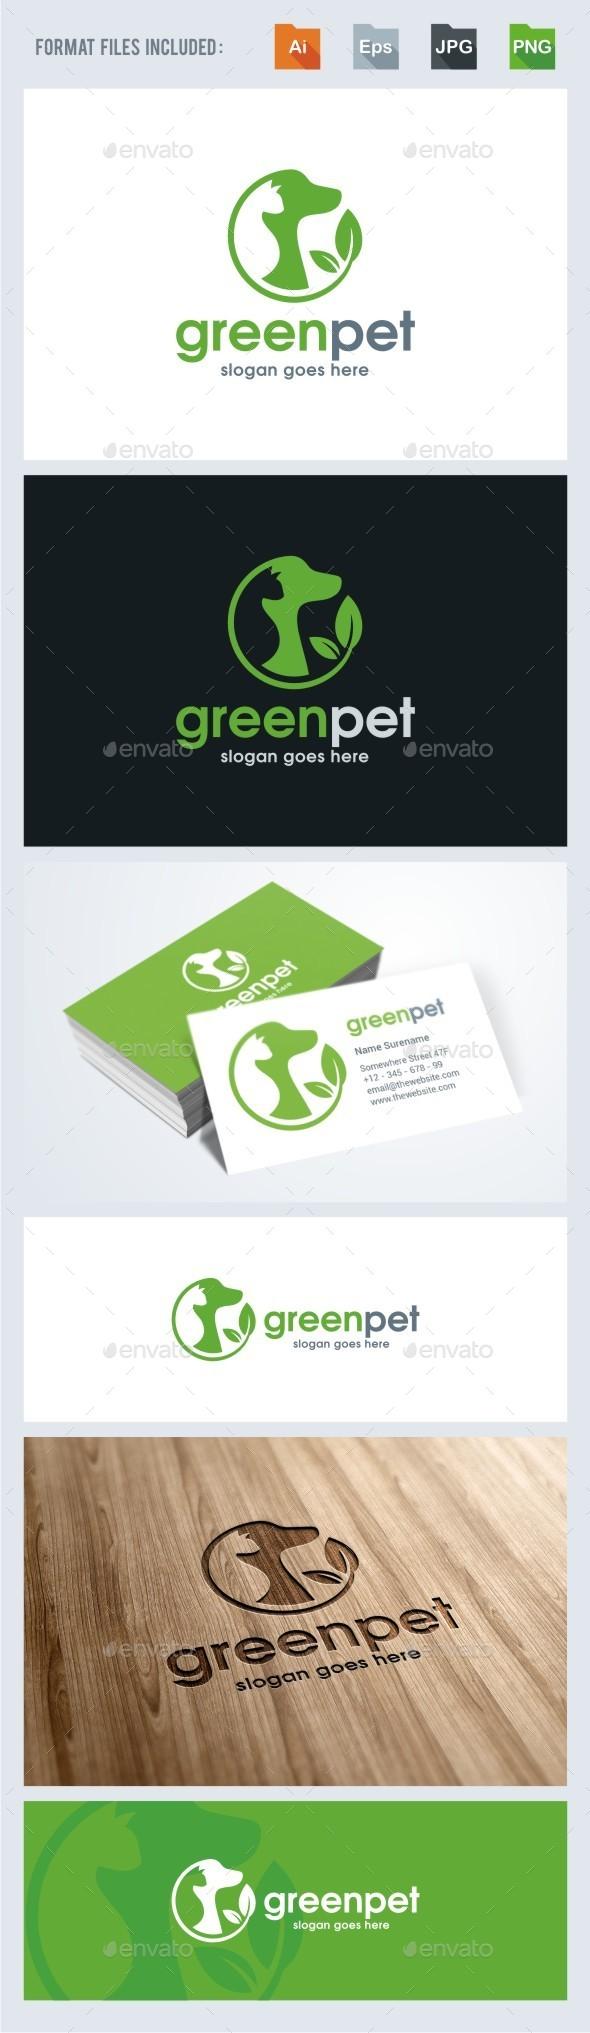 Green Pet - Pet Care Logo Template - Animals Logo Templates